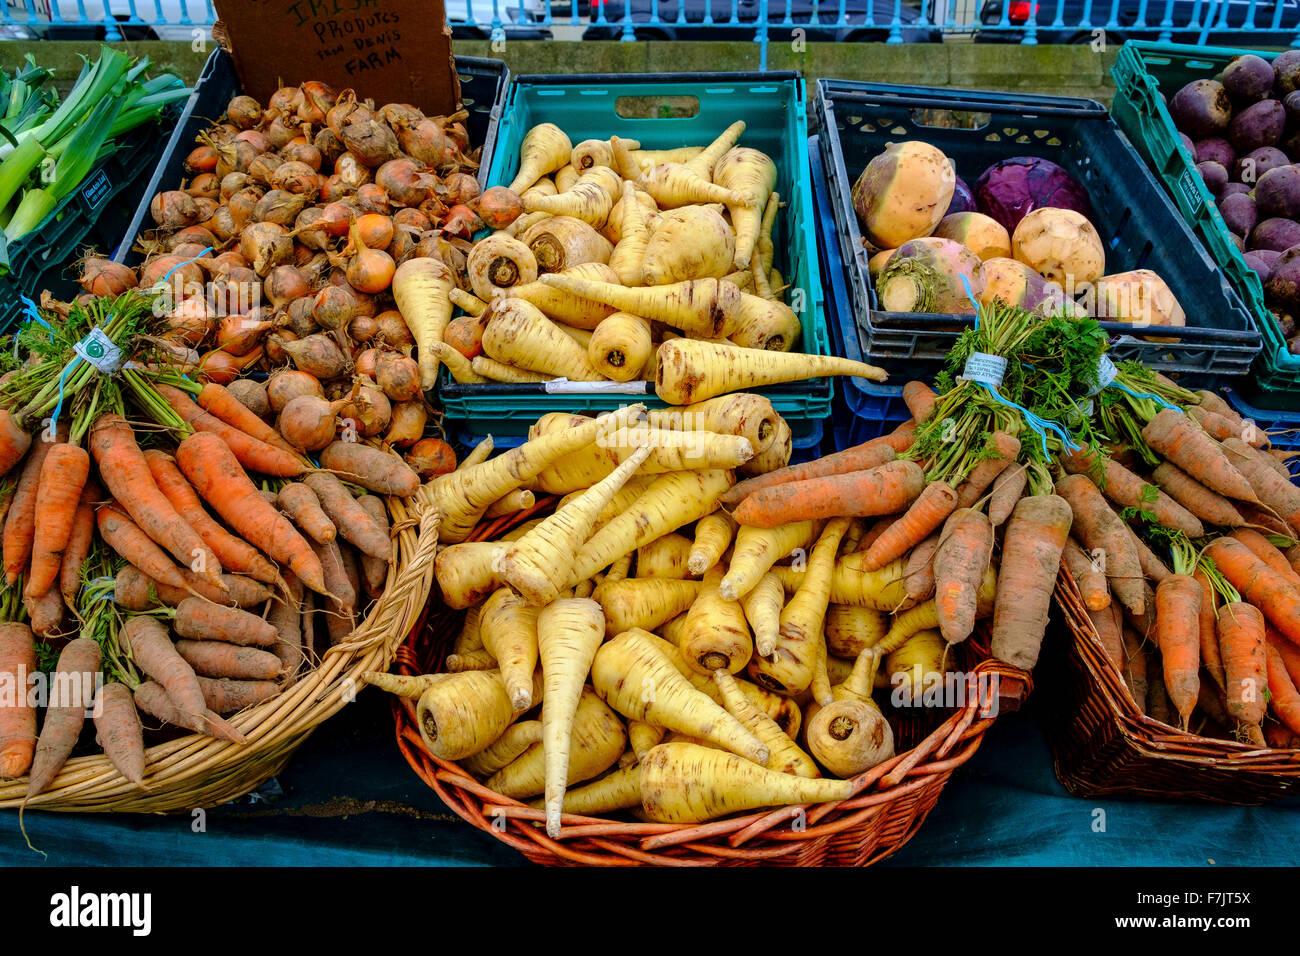 Ortaggi a radice carote pastinaca svedese rapa cipolla Immagini Stock